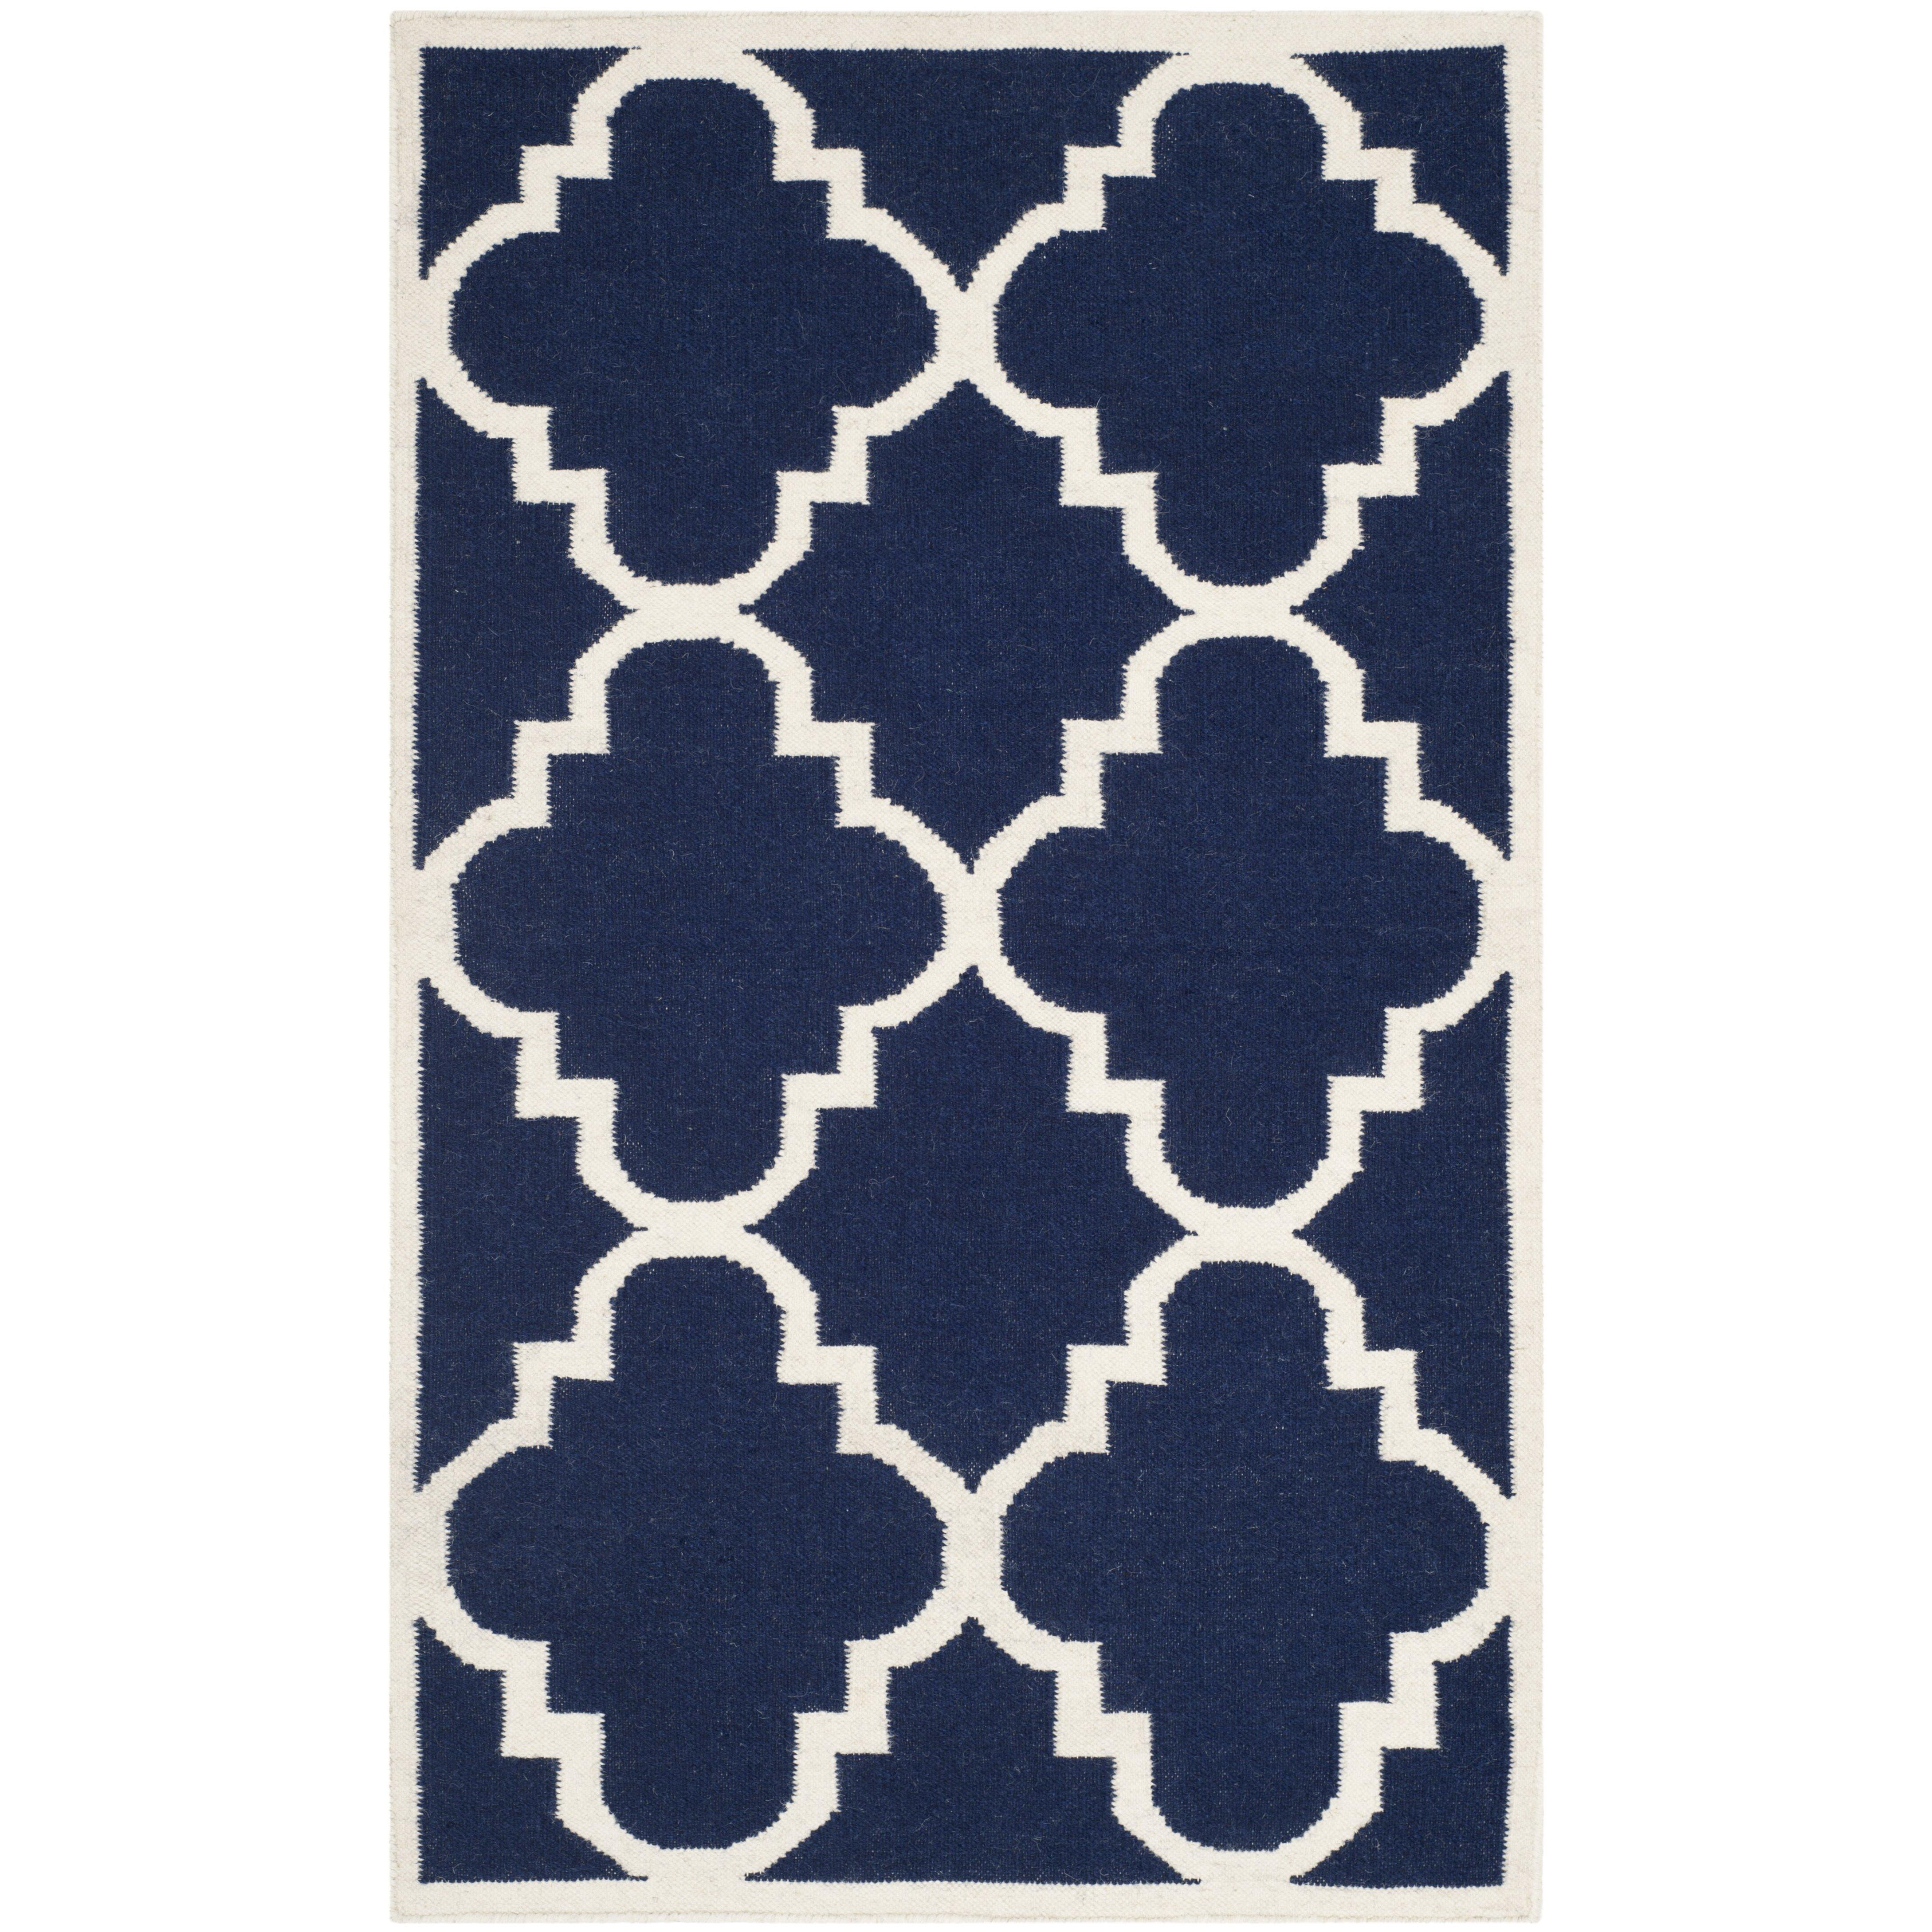 Safavieh Handgewebter Teppich Dhurrie in Dunkelblau